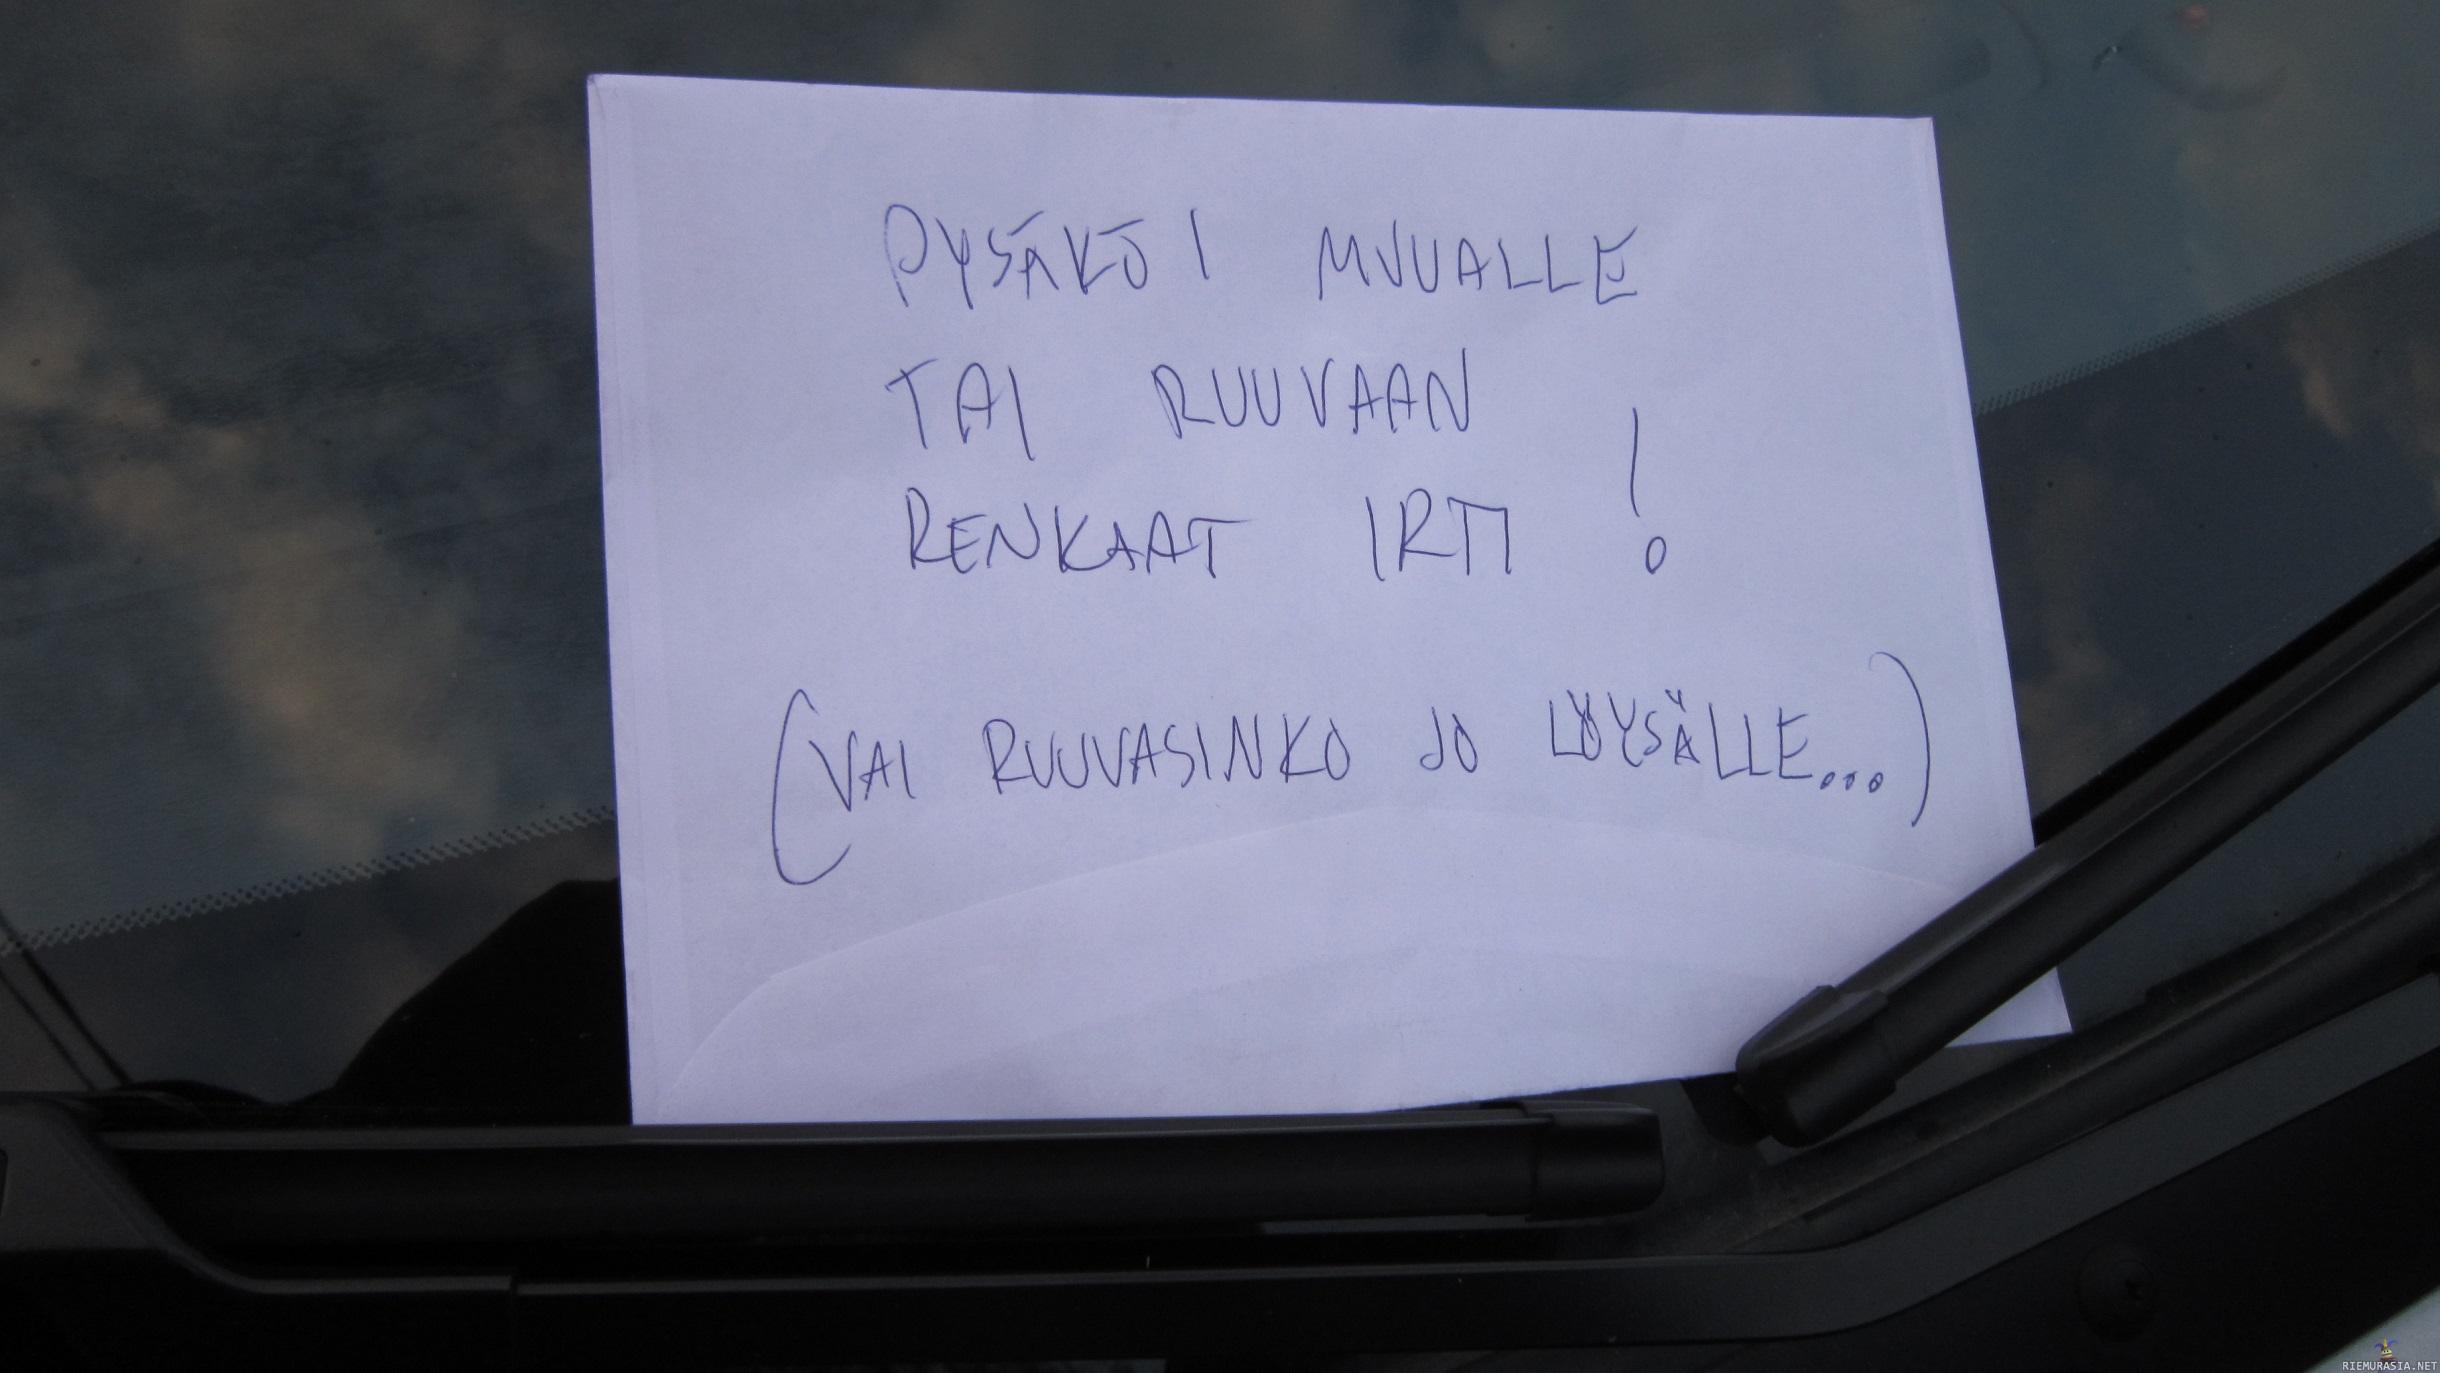 Väärin pysäköity auto ilmoitus